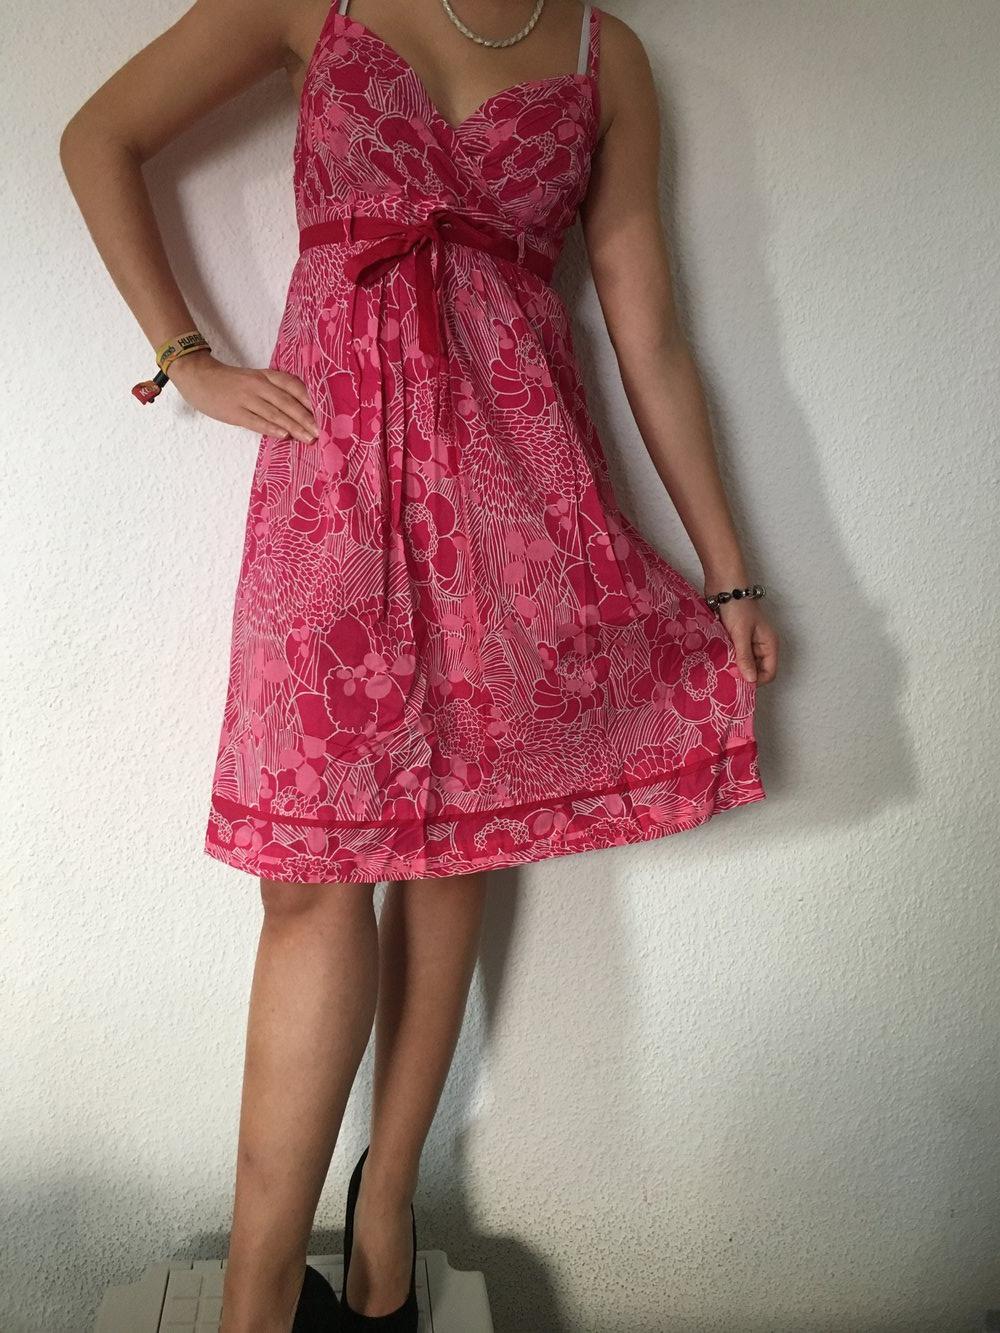 Wunderschönes pinkes Esprit Kleid in 36 mit Blumenmuster und Schleife, Kleidchen, schick, Abendkleid, festlich, Muster, weiß, Band